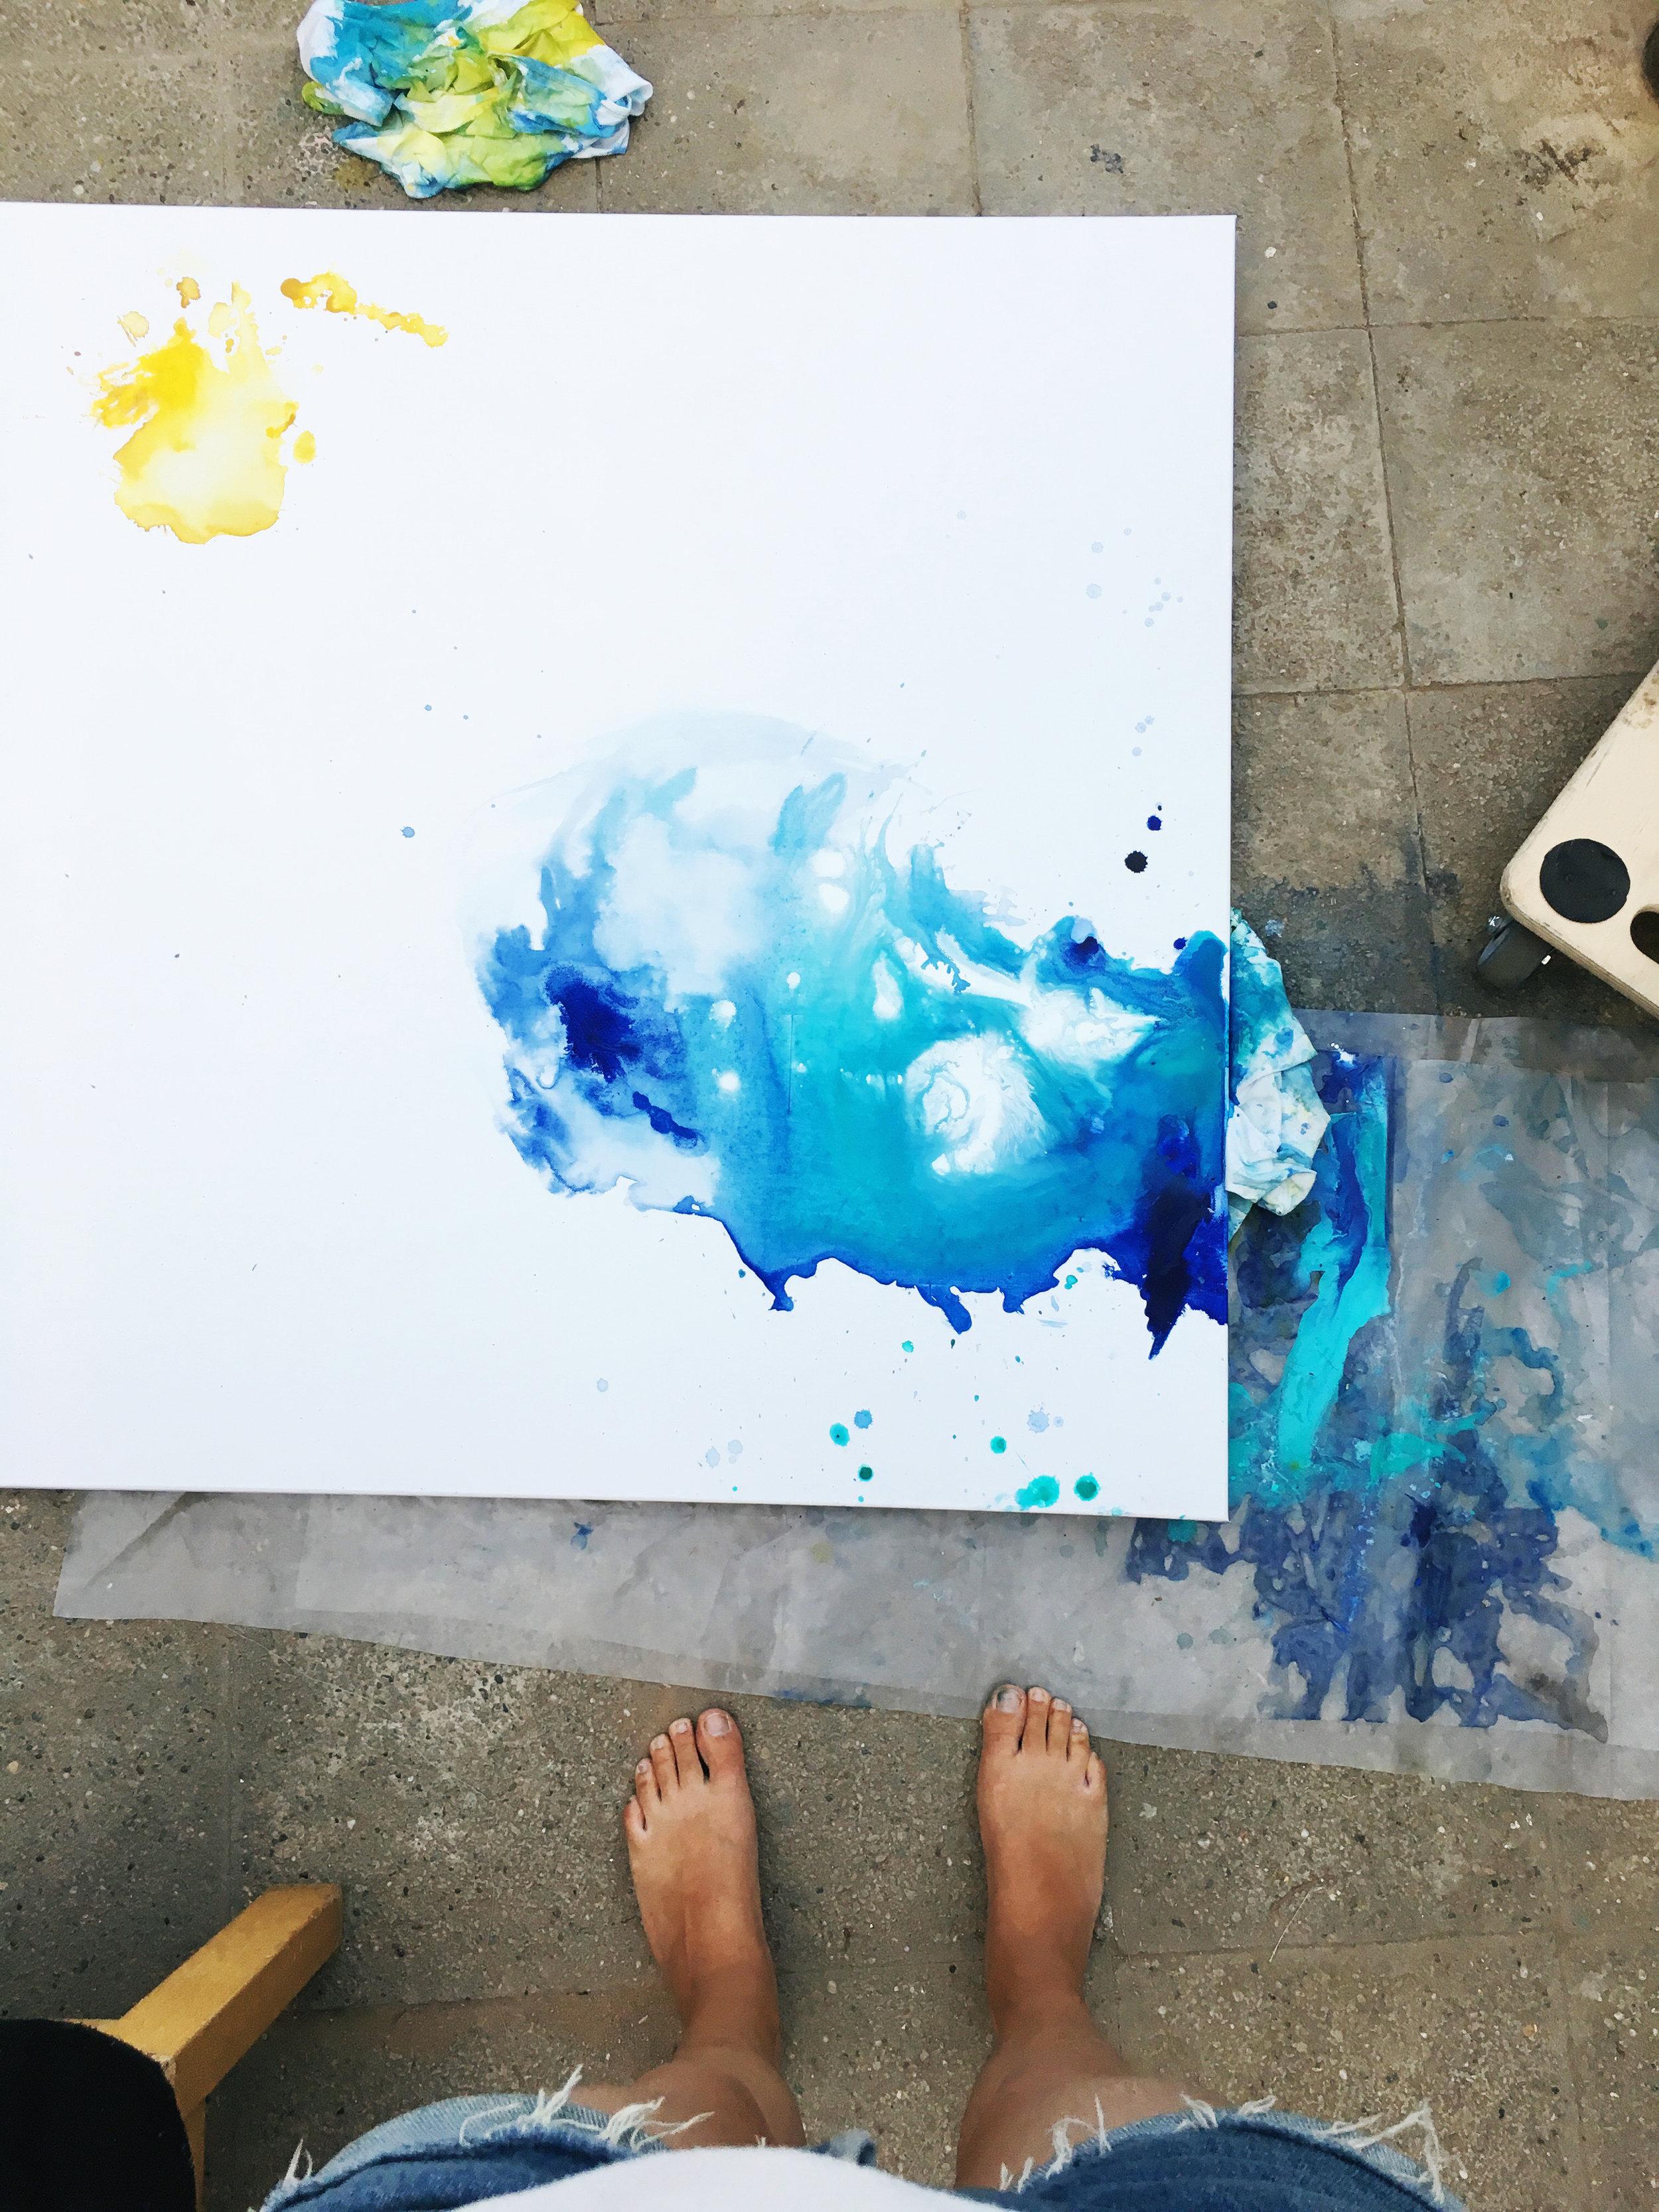 SummerInTheStudio_AnnaBaer_ArtistBlogger3.jpg